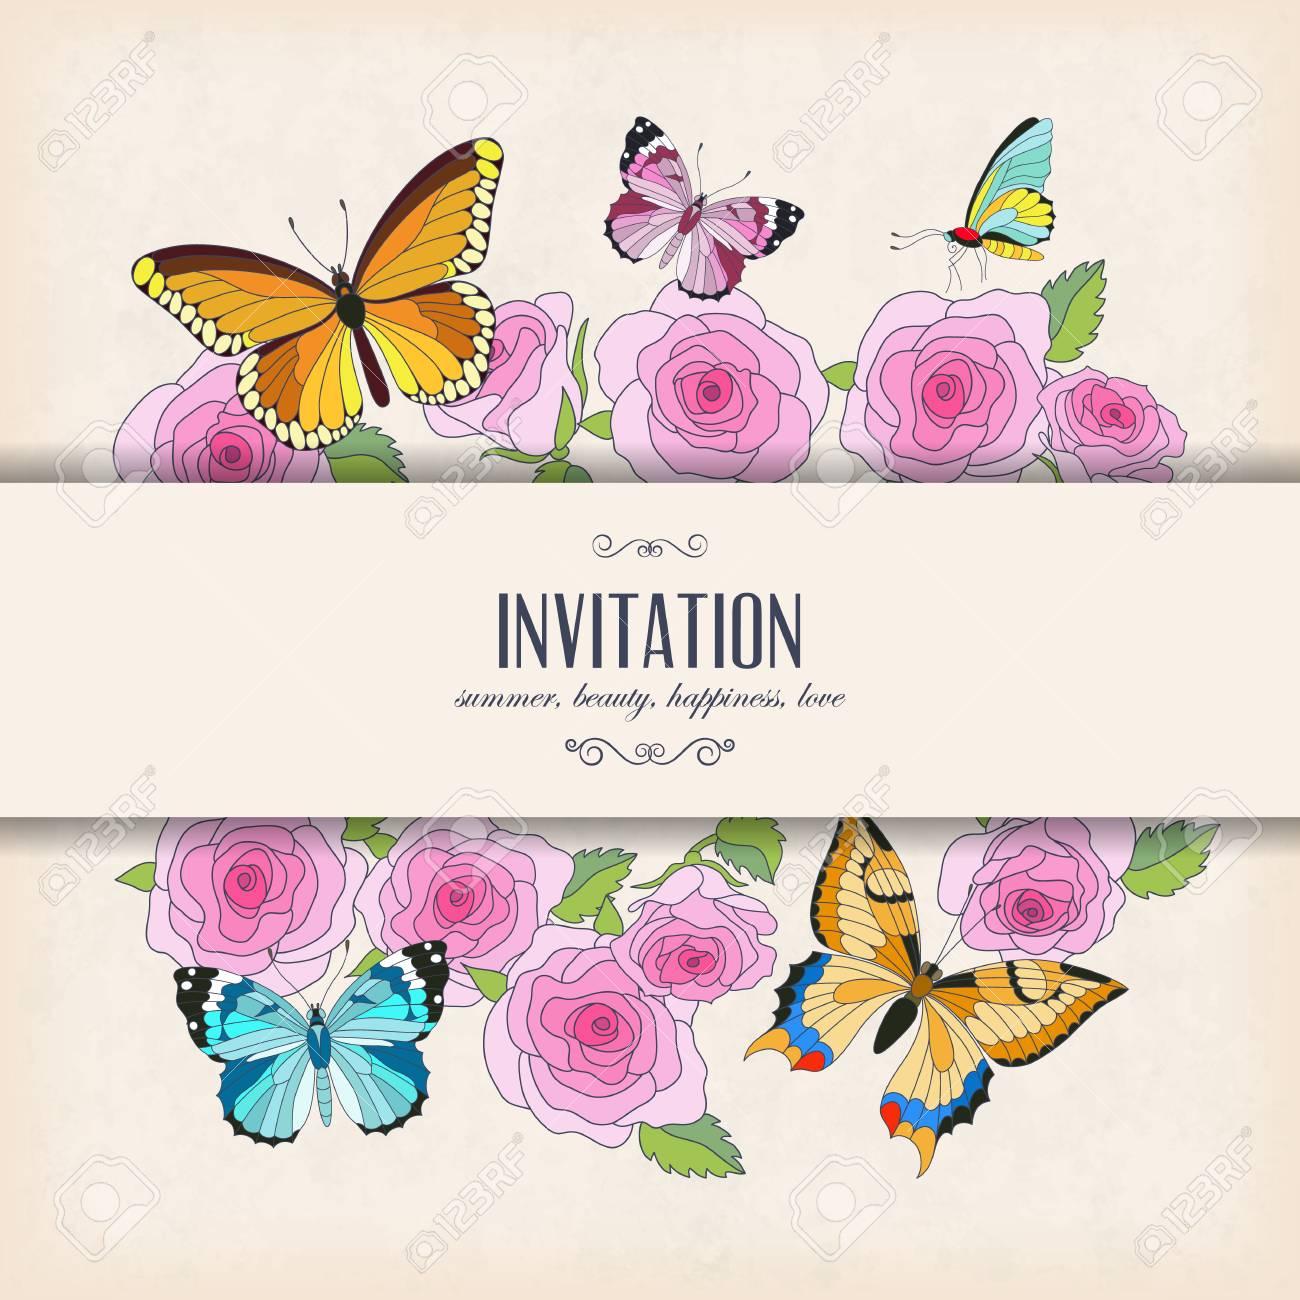 Tarjeta De Invitación De Vector Con Mariposas Y Rosas Lugar Para Ti Texto Perfecto Para Saludos Invitaciones Anuncios Diseño De Bodas